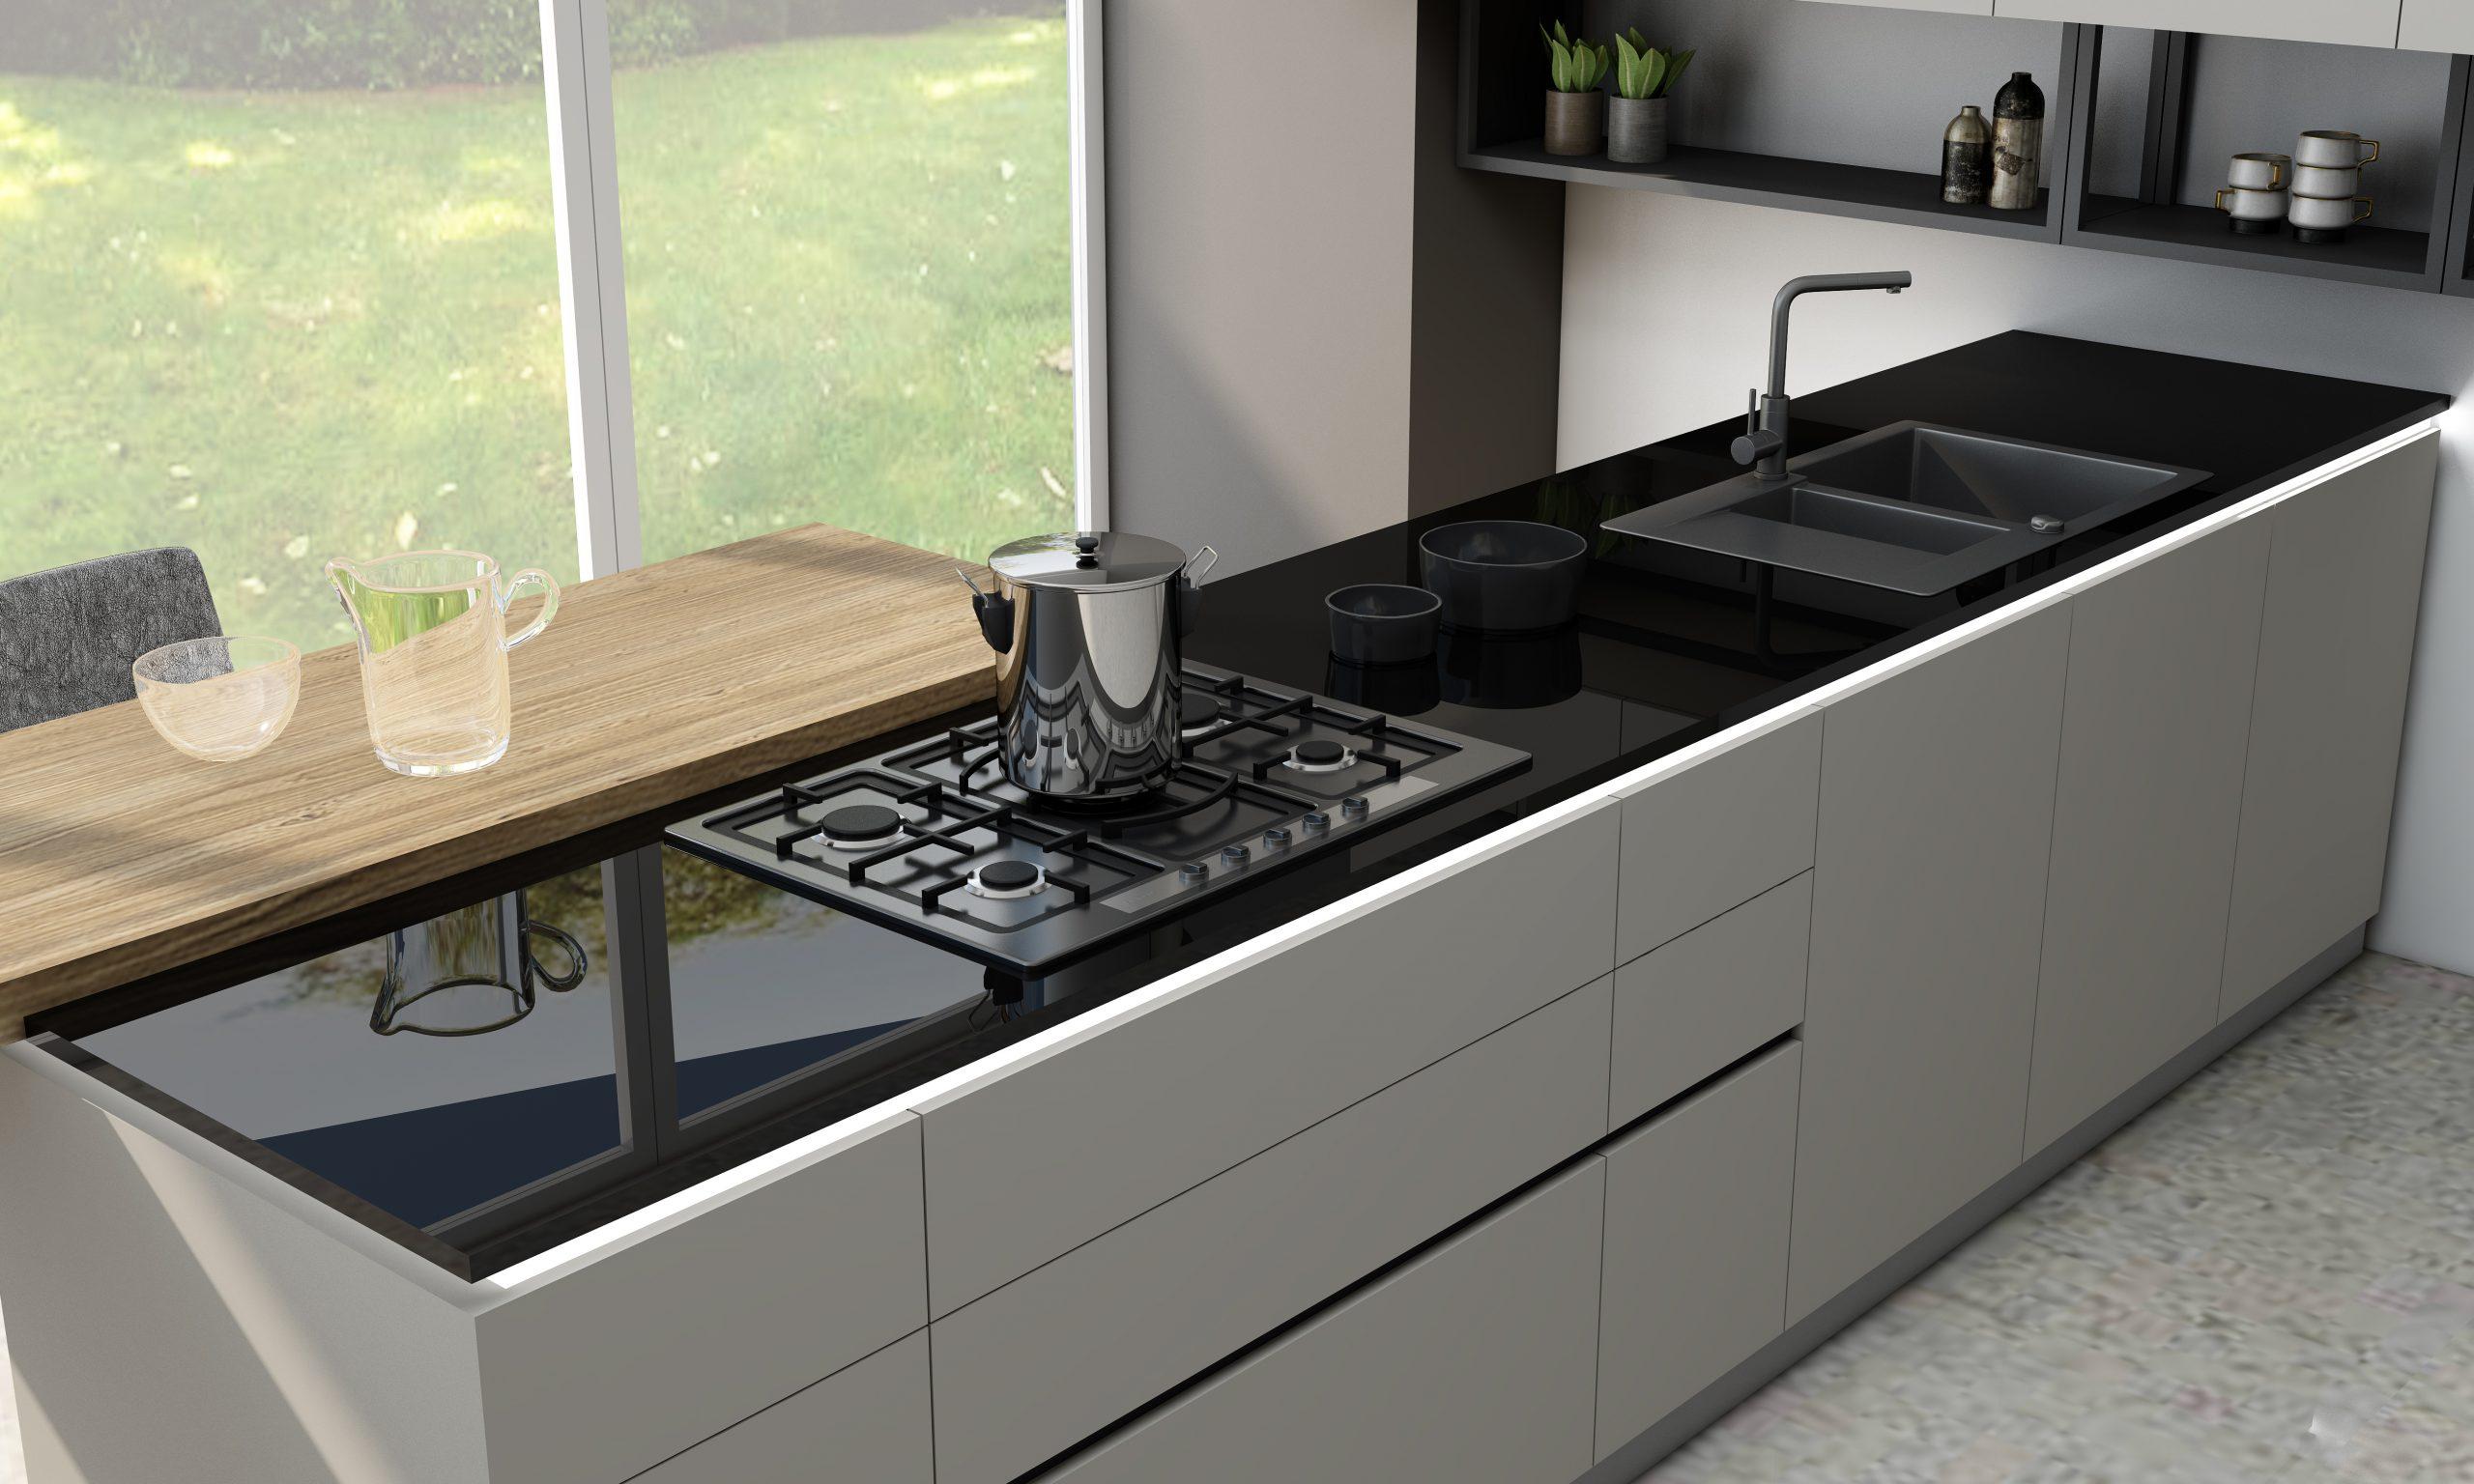 Kitchen worktop glass black- 1